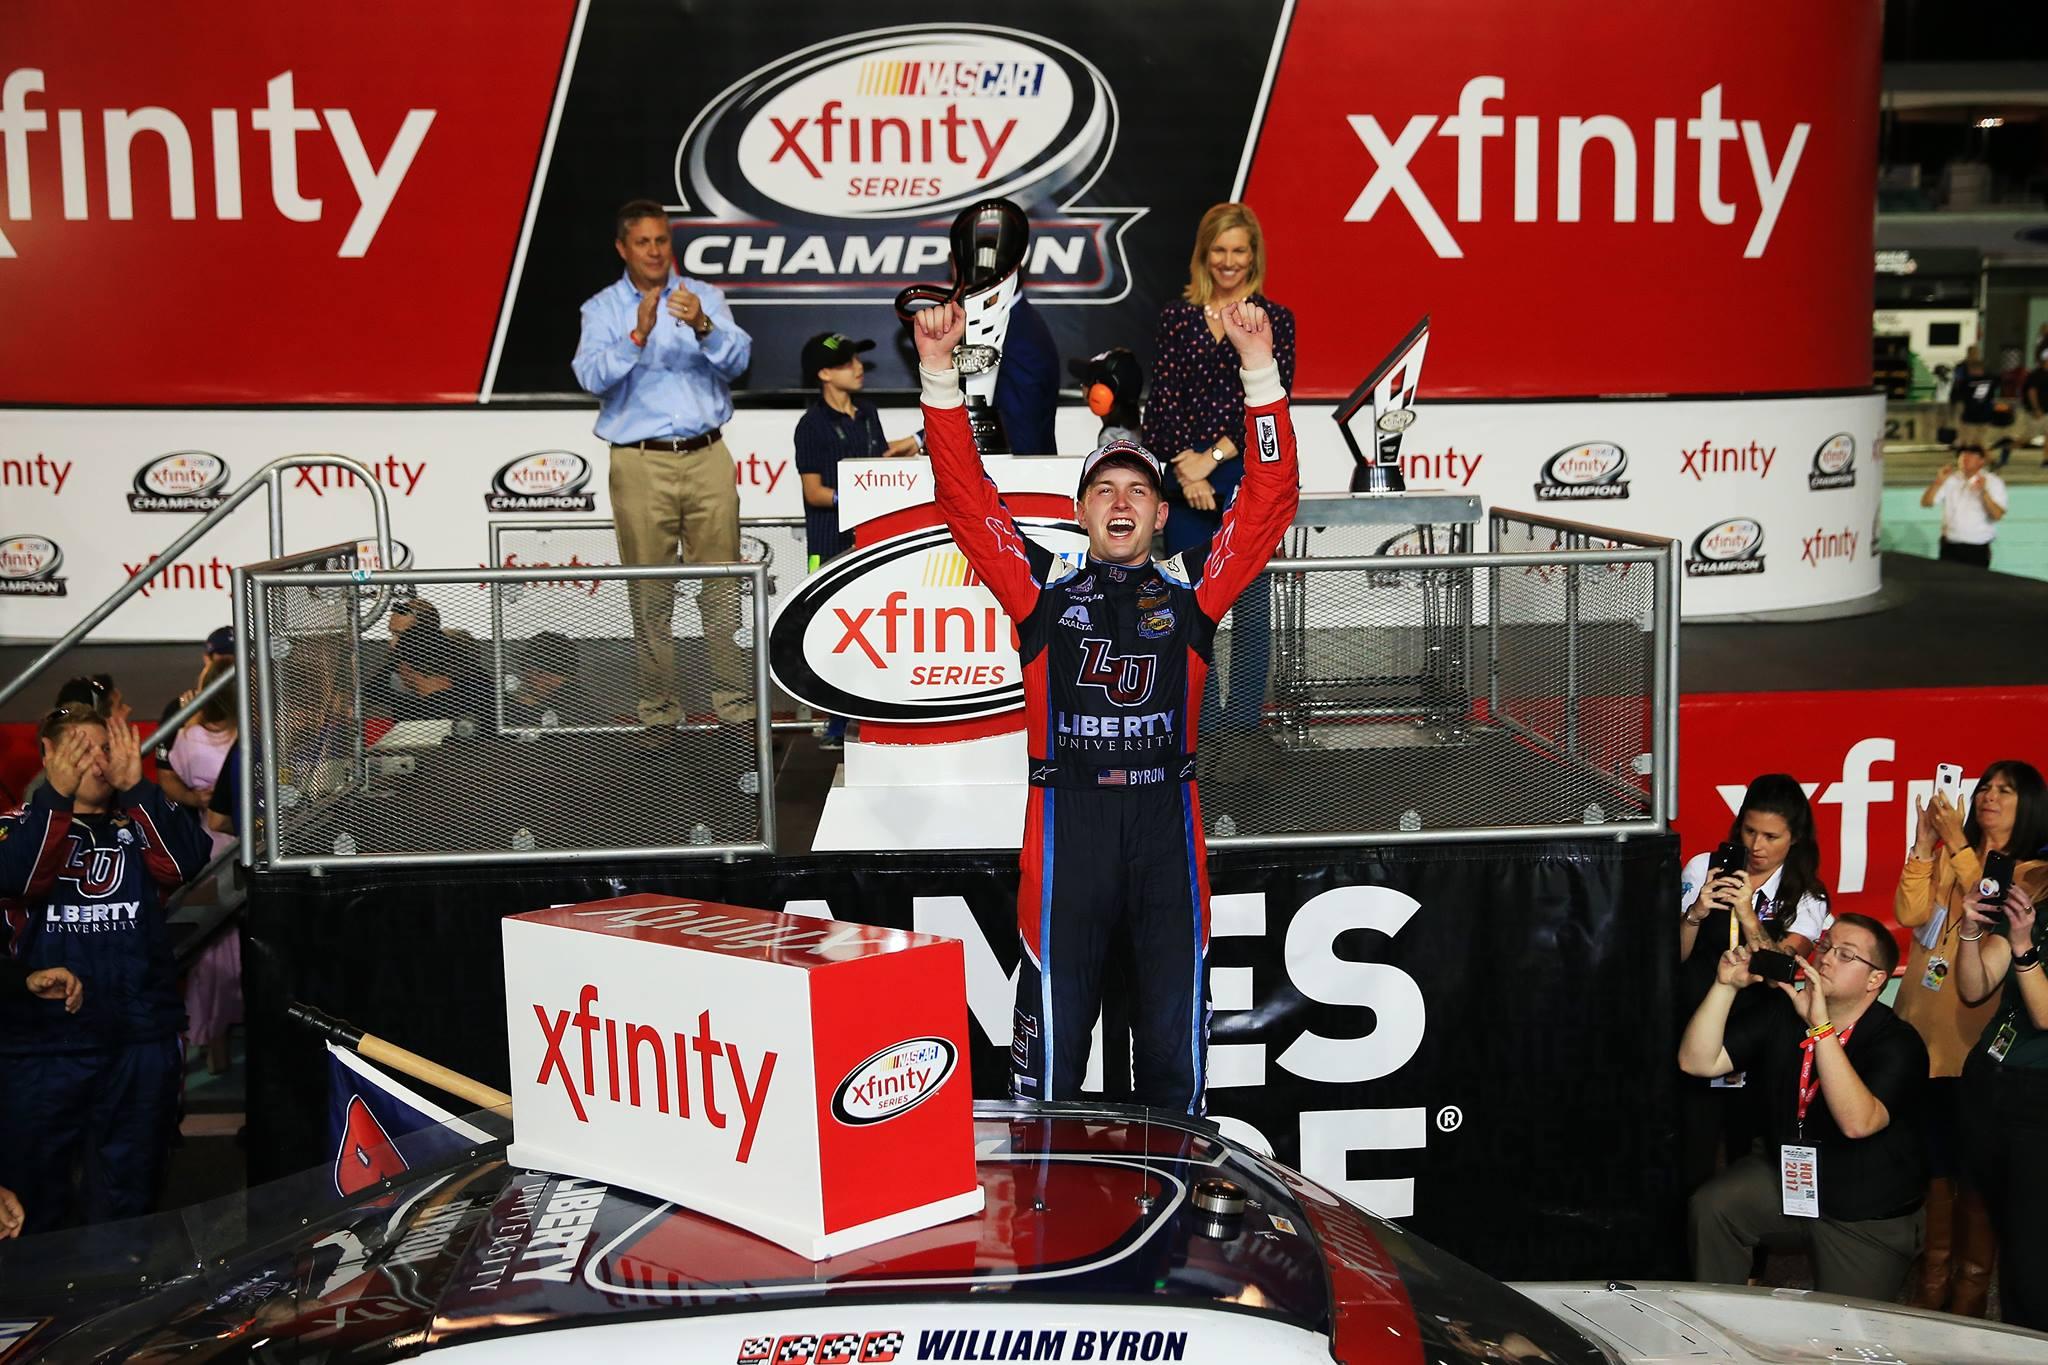 2017 NASCAR Xfinity Series Champion William Byron